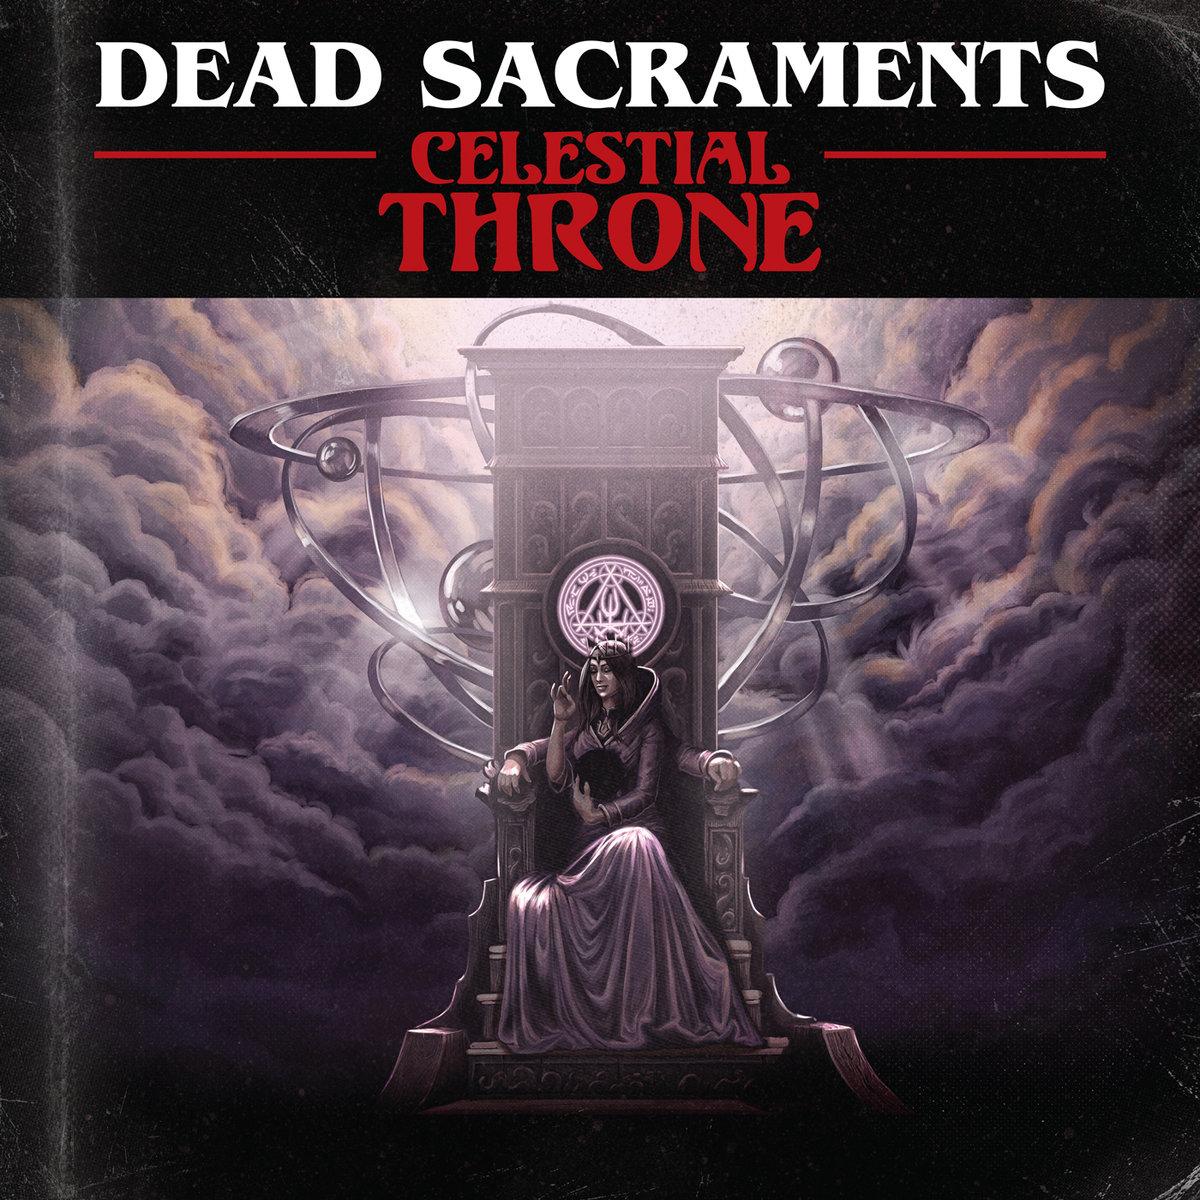 Dead Sacraments - World Consuming doom